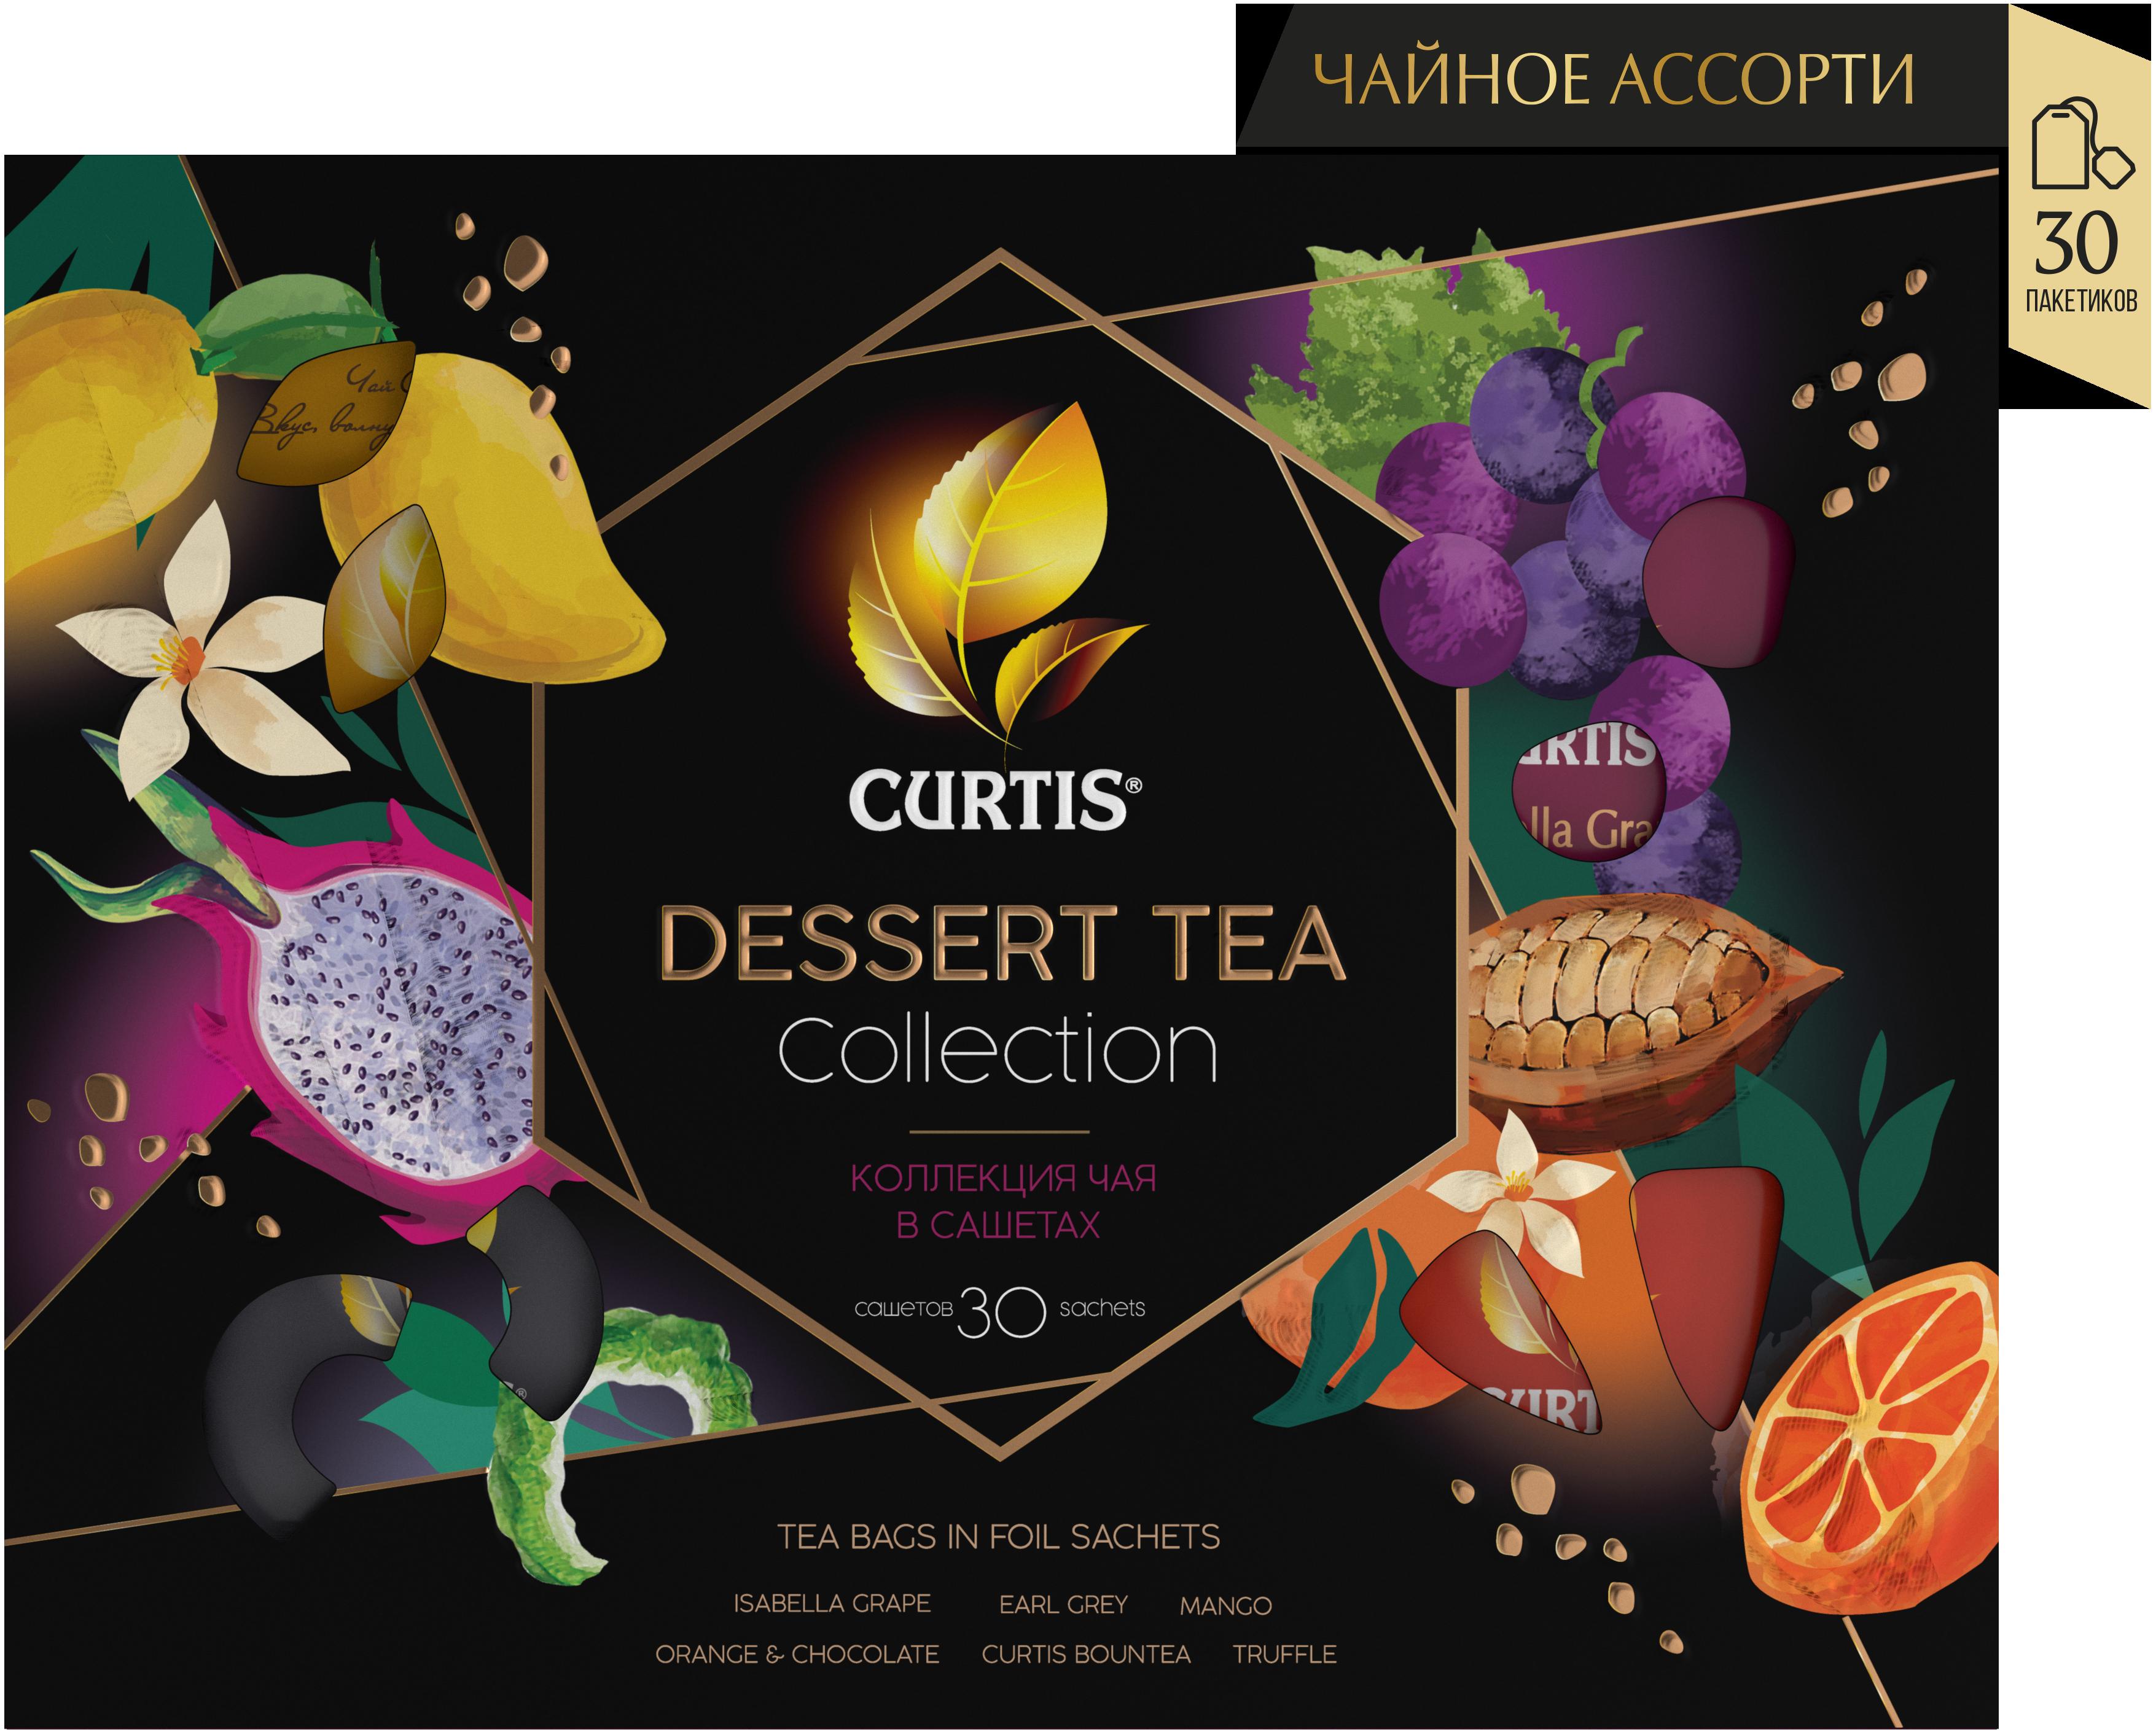 Чай Curtis 'Dessert Tea Collection' ассорти